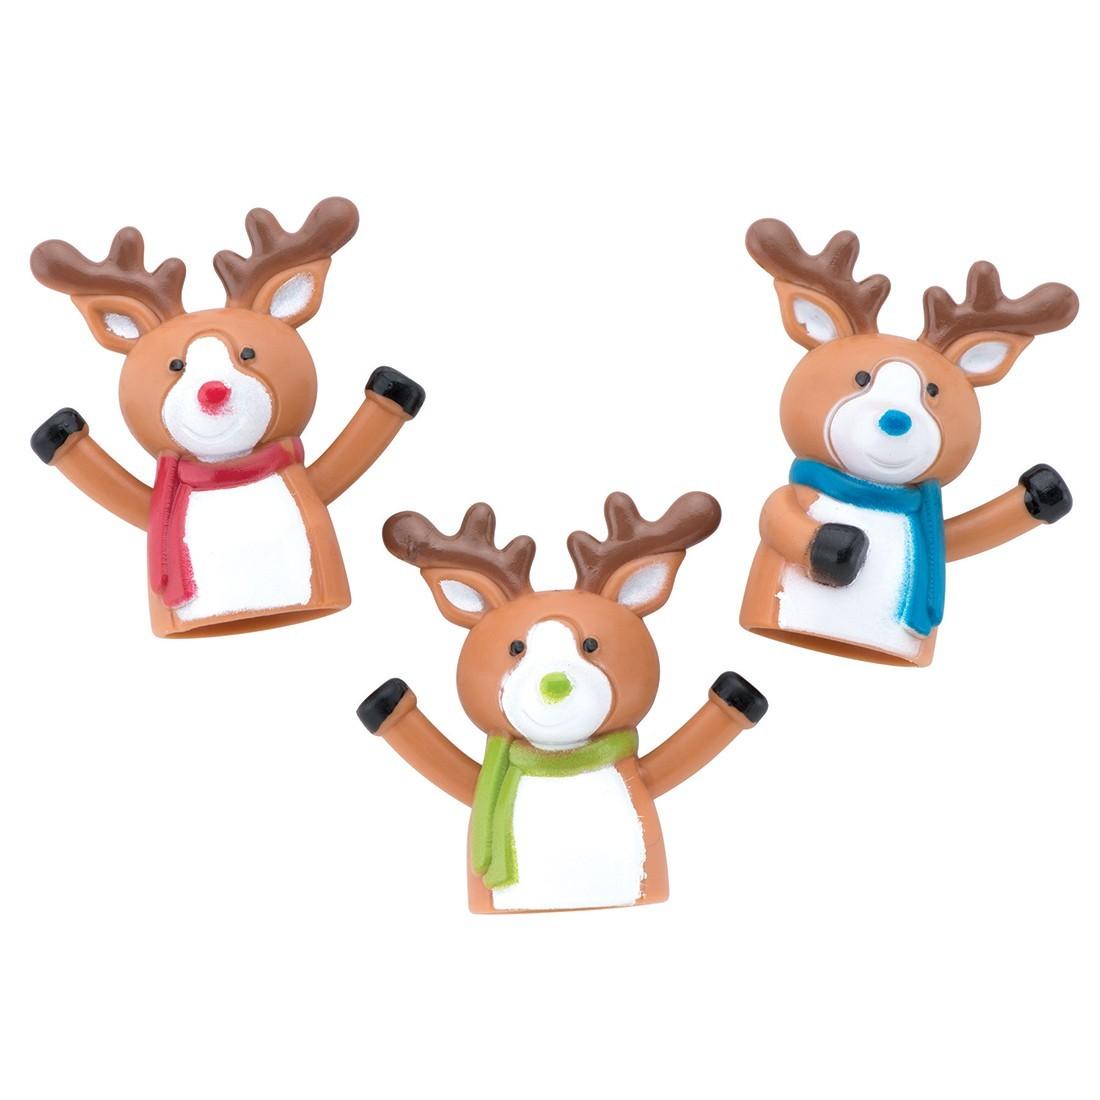 Reindeer Finger Puppets [image]